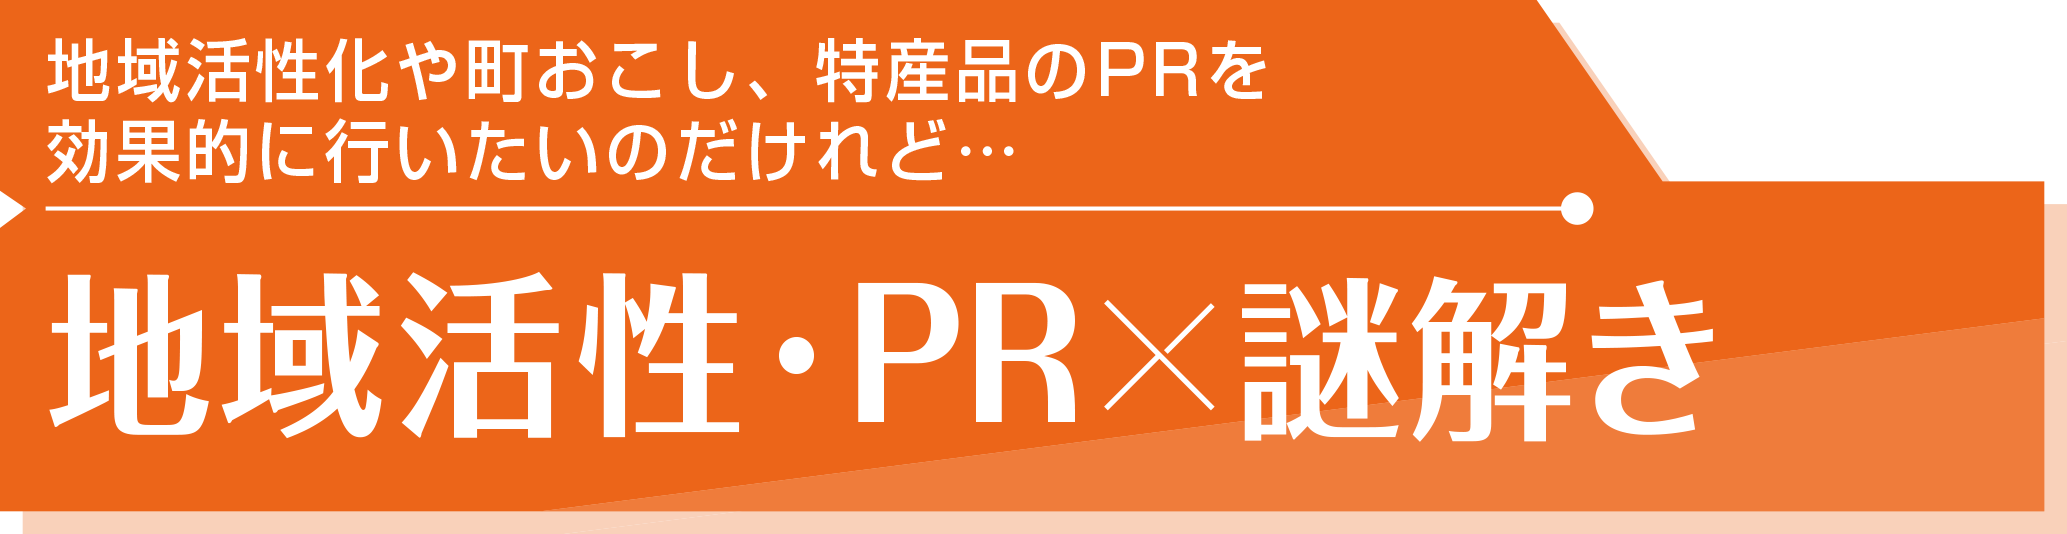 地域活性・PR